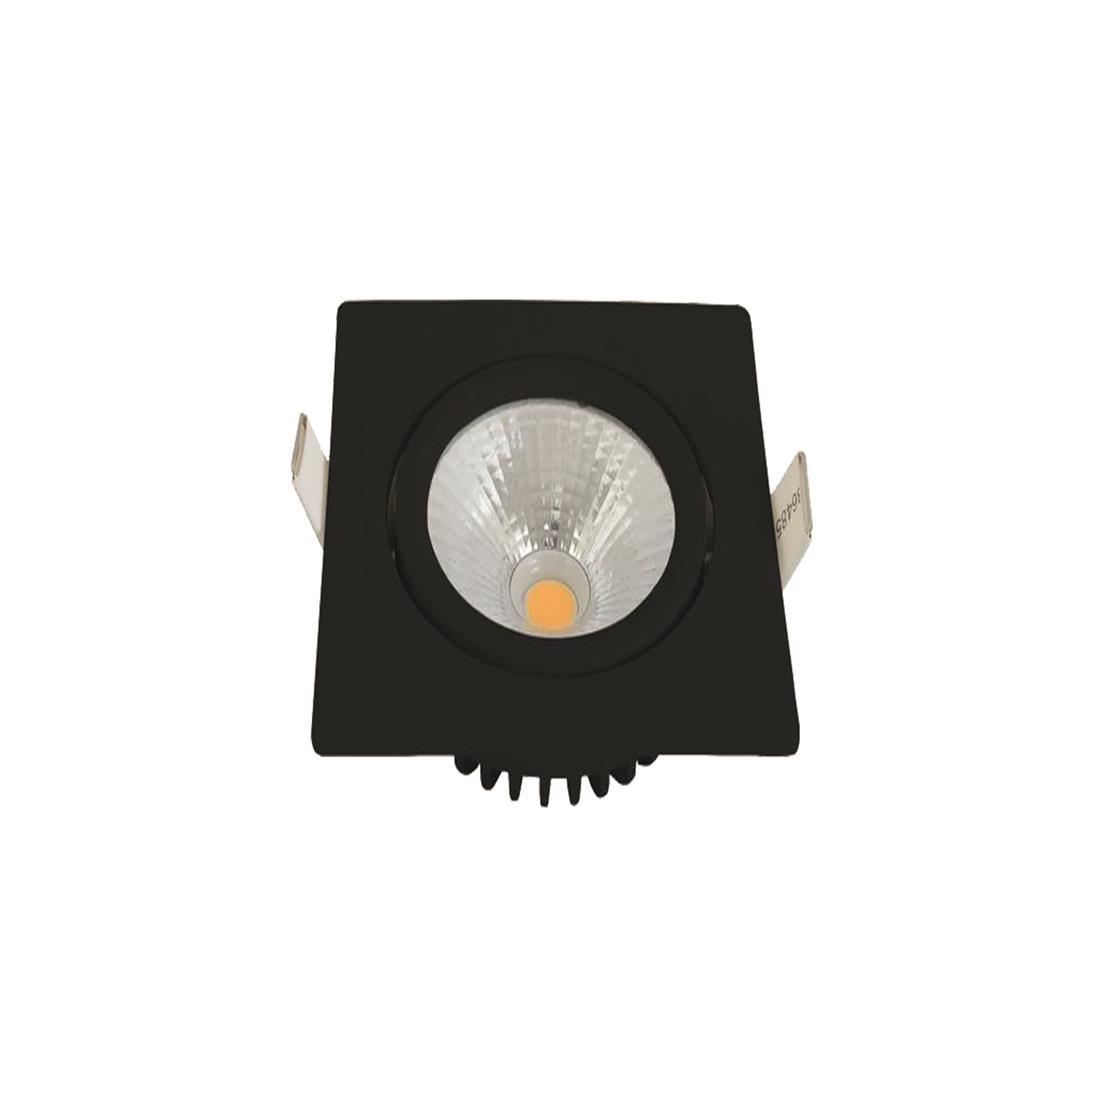 EM Electronics waterdichte inbouwspot vierkant zwart 5W 450lm 2700K incl DimDriver